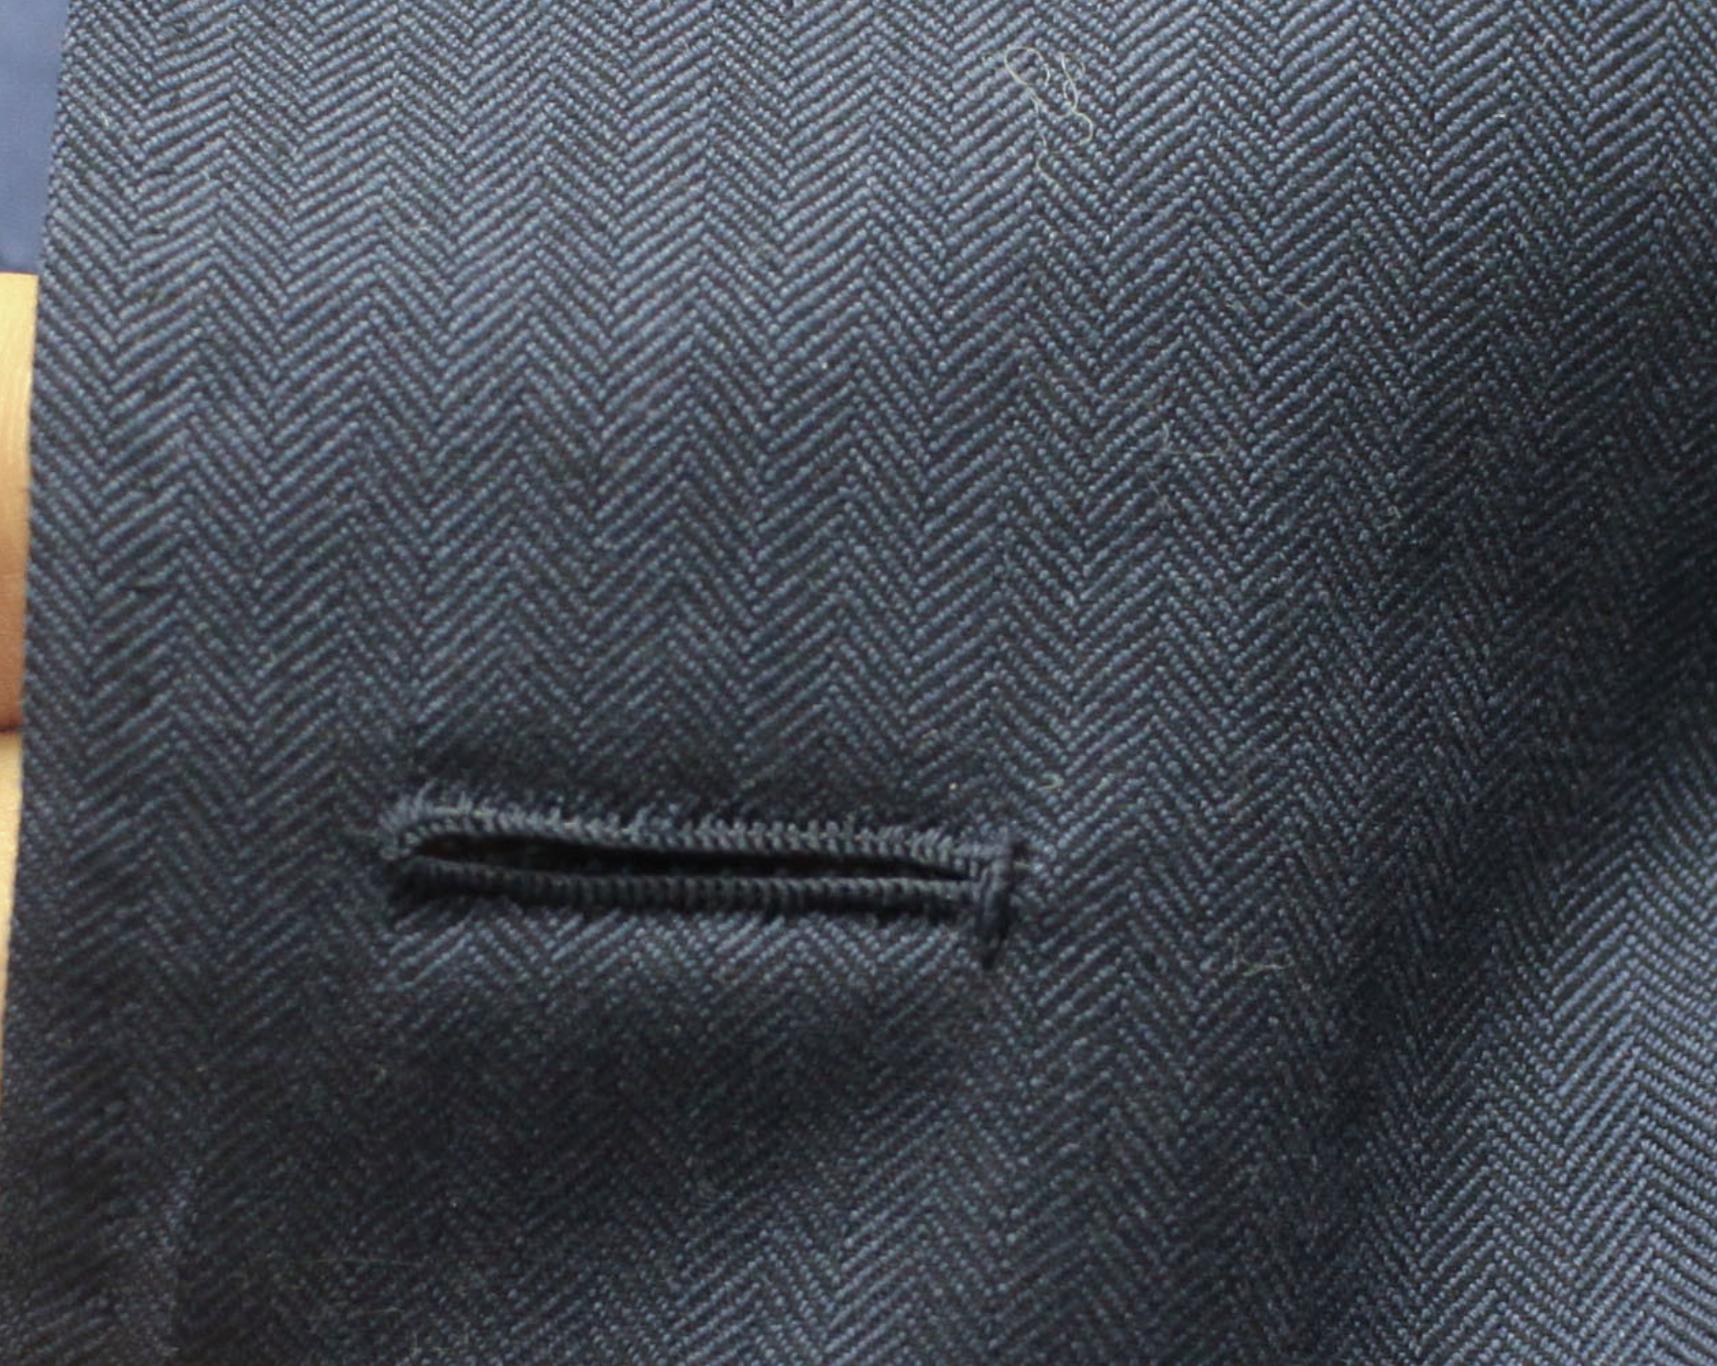 Plutôt que d'avoir la traditionnelle forme en trou de serrure la boutonnière du bas est droite, un détail qui sert à rappeler que le bouton du bas doit toujours être laissé ouvert. (source: j.diduch)